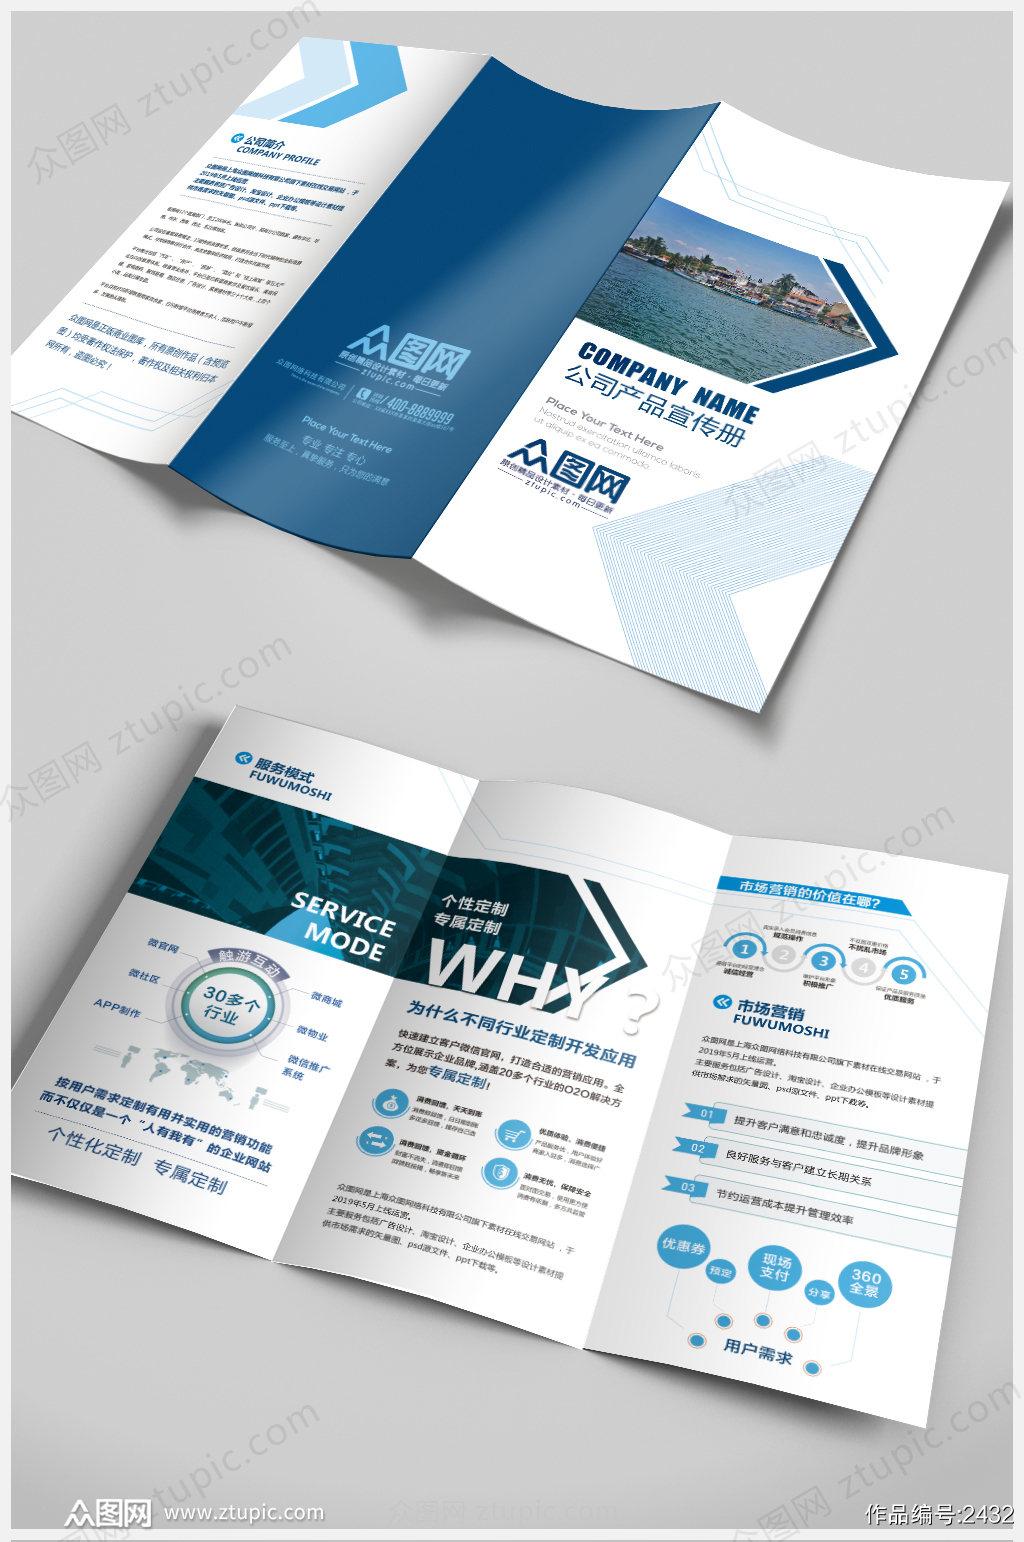 蓝色简洁大气科技企业宣传三折页素材